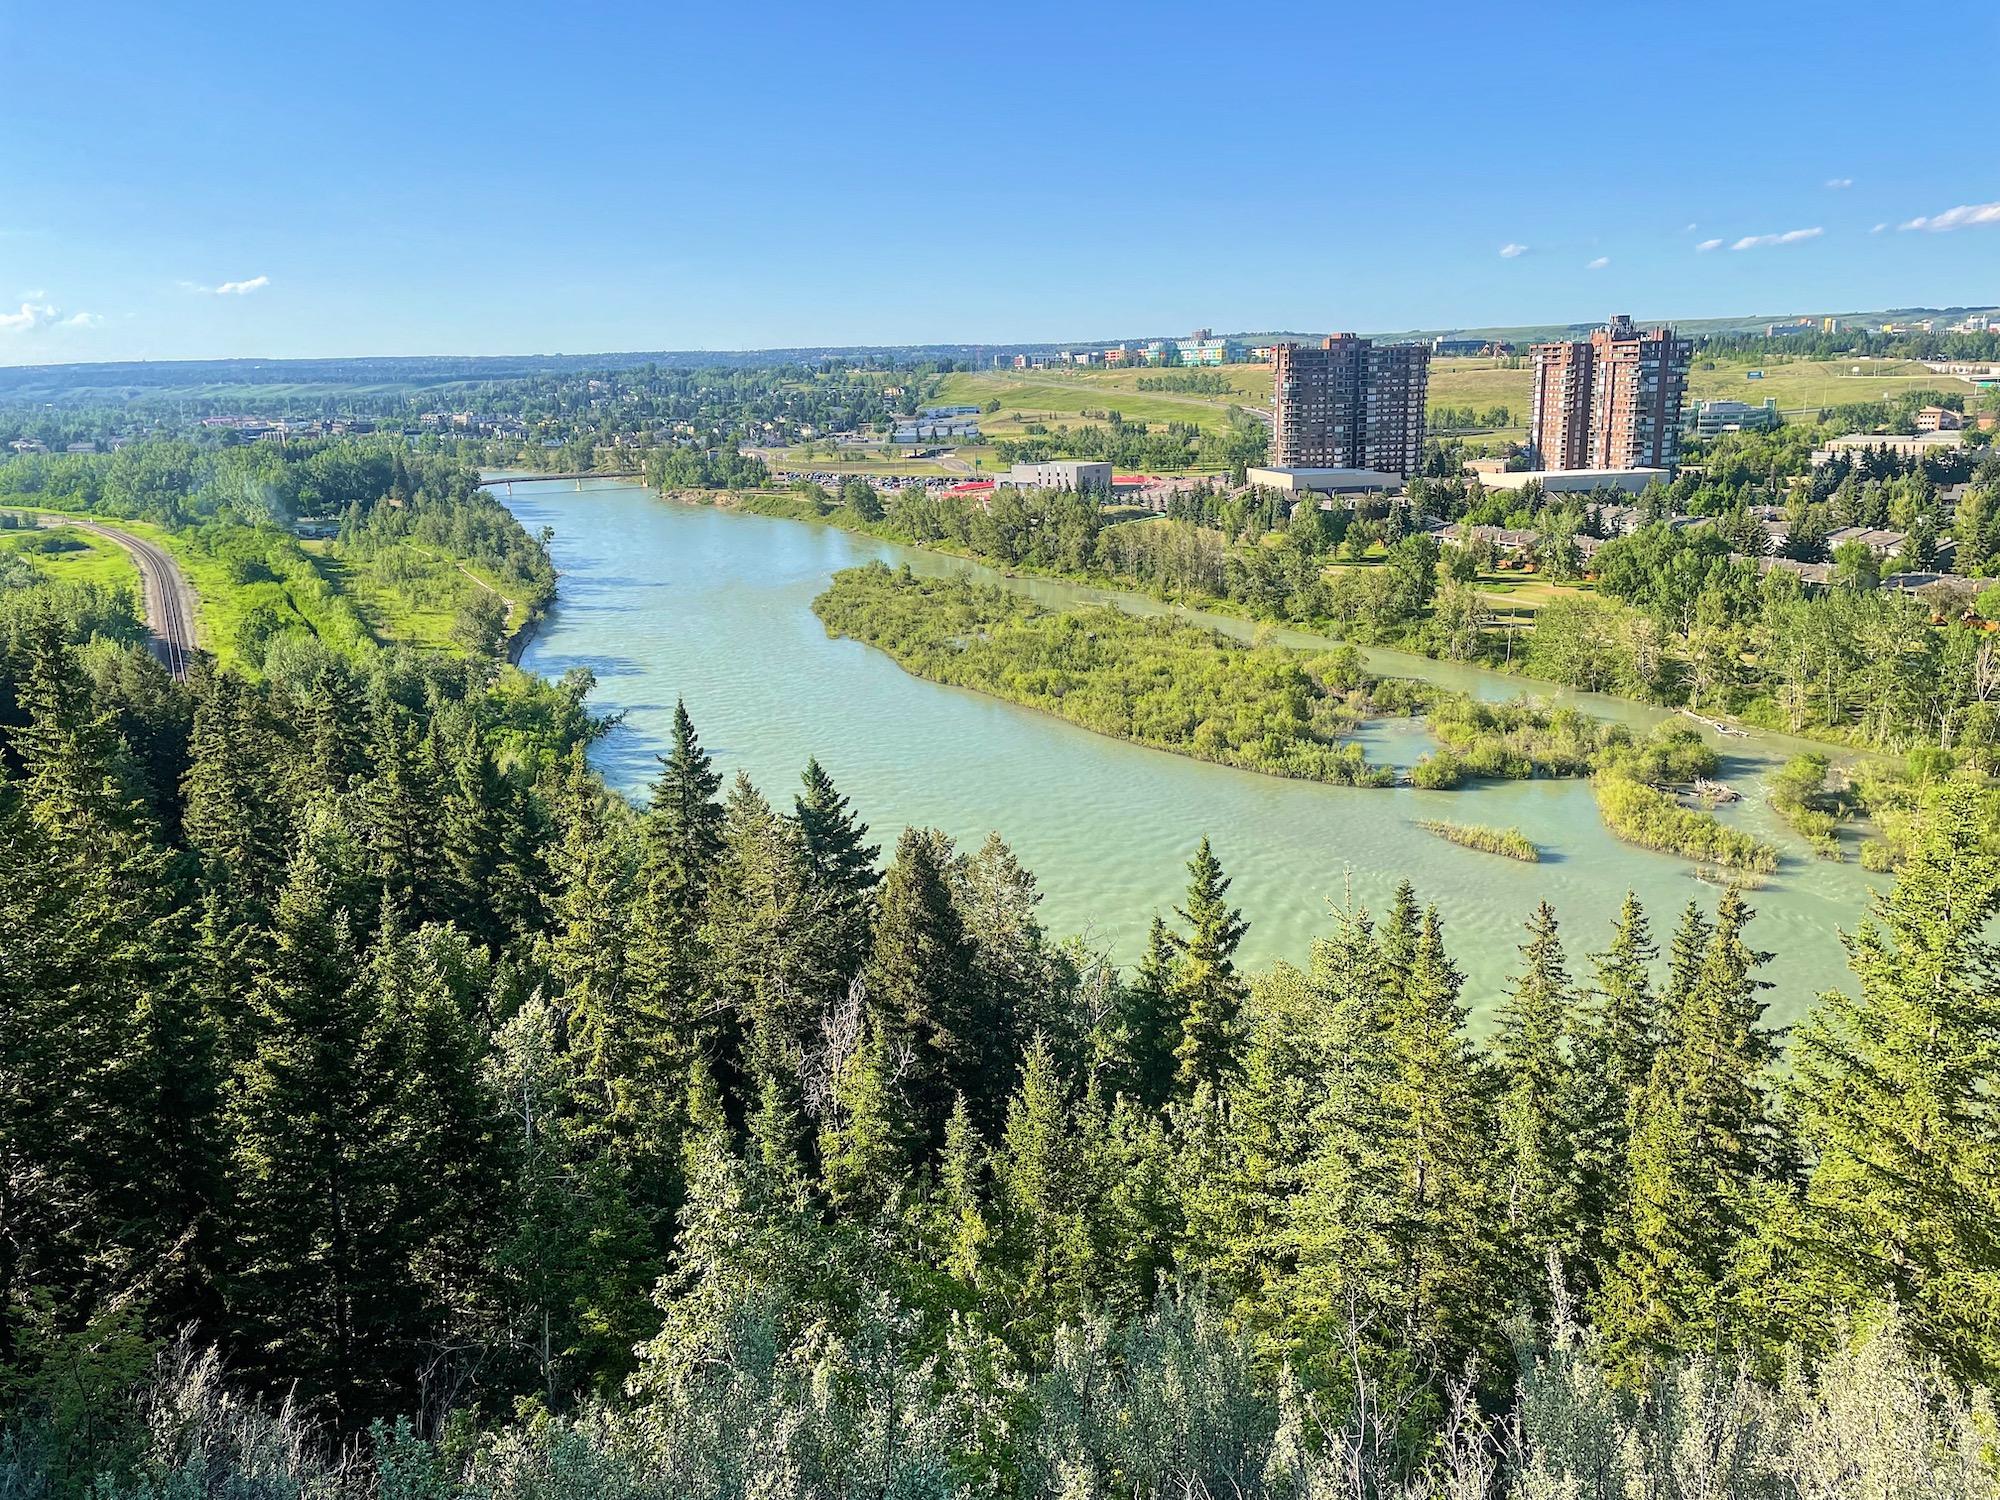 Douglas Fir Trail in Calgary's Edworthy Park via @outandacross